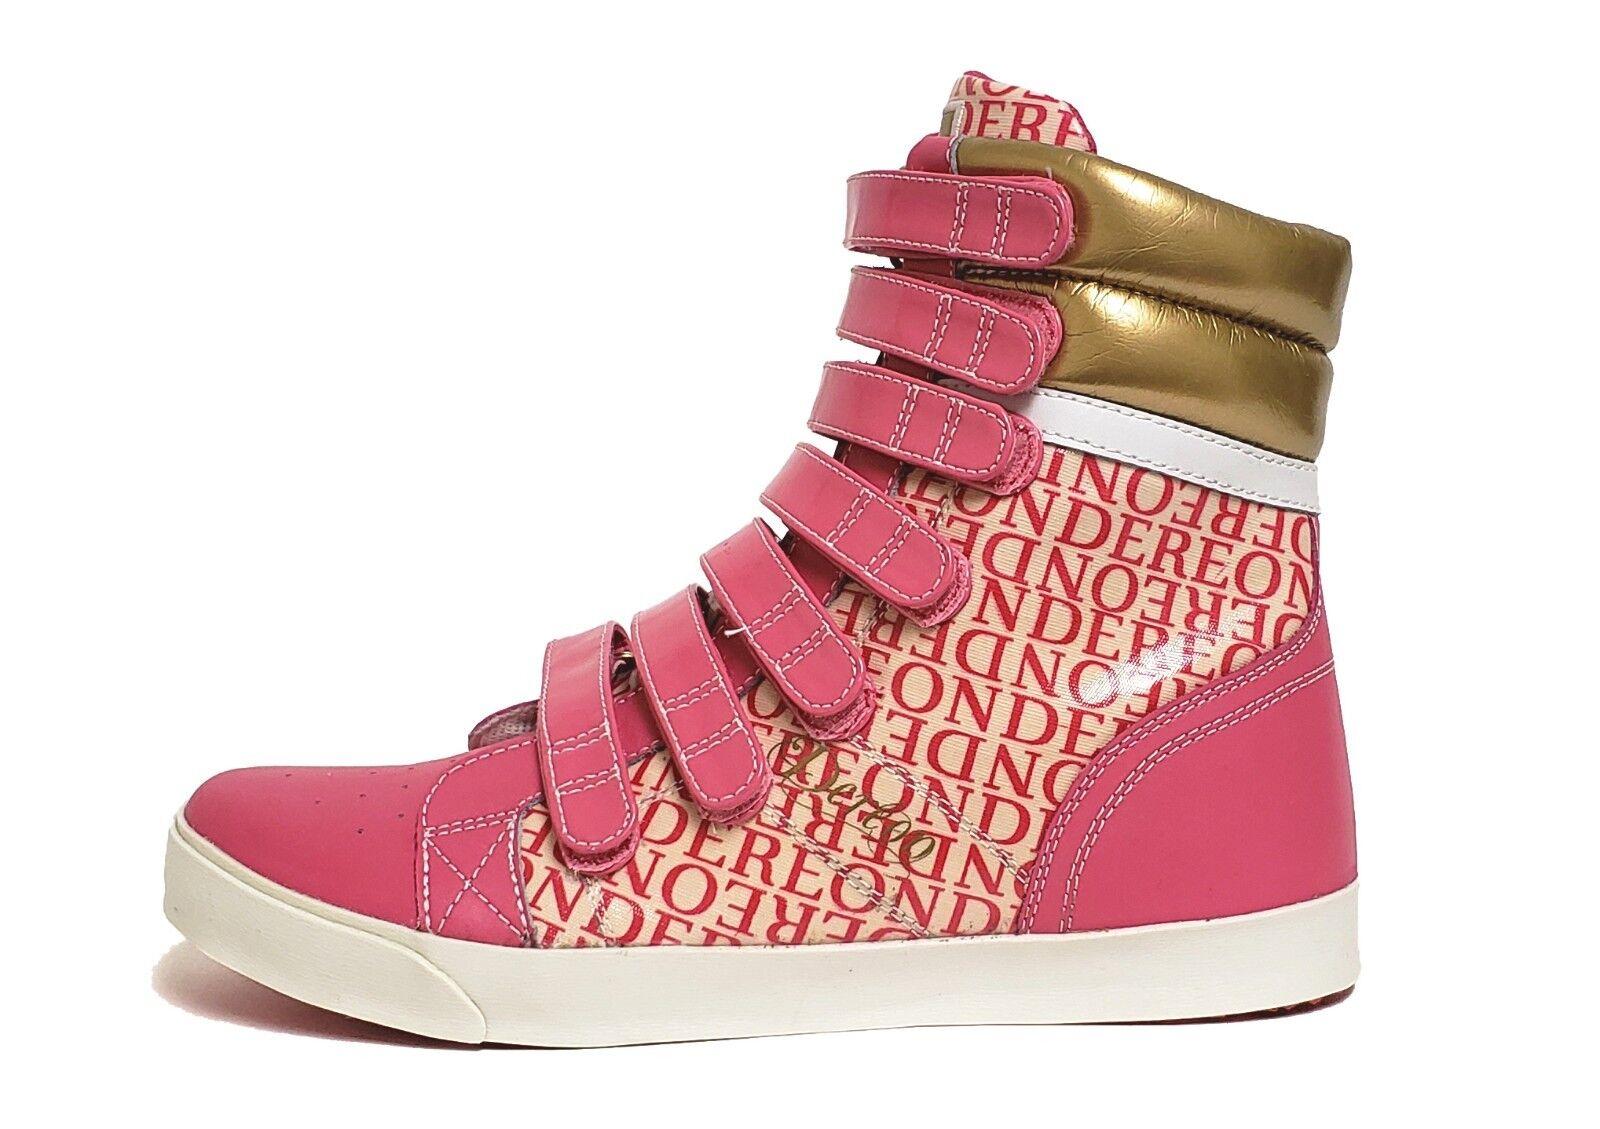 House of of of Dereon Para Mujer Zapatos Esmaltado Royale Correa rosado EWA091-650 a7 Talla 9.5  genuina alta calidad